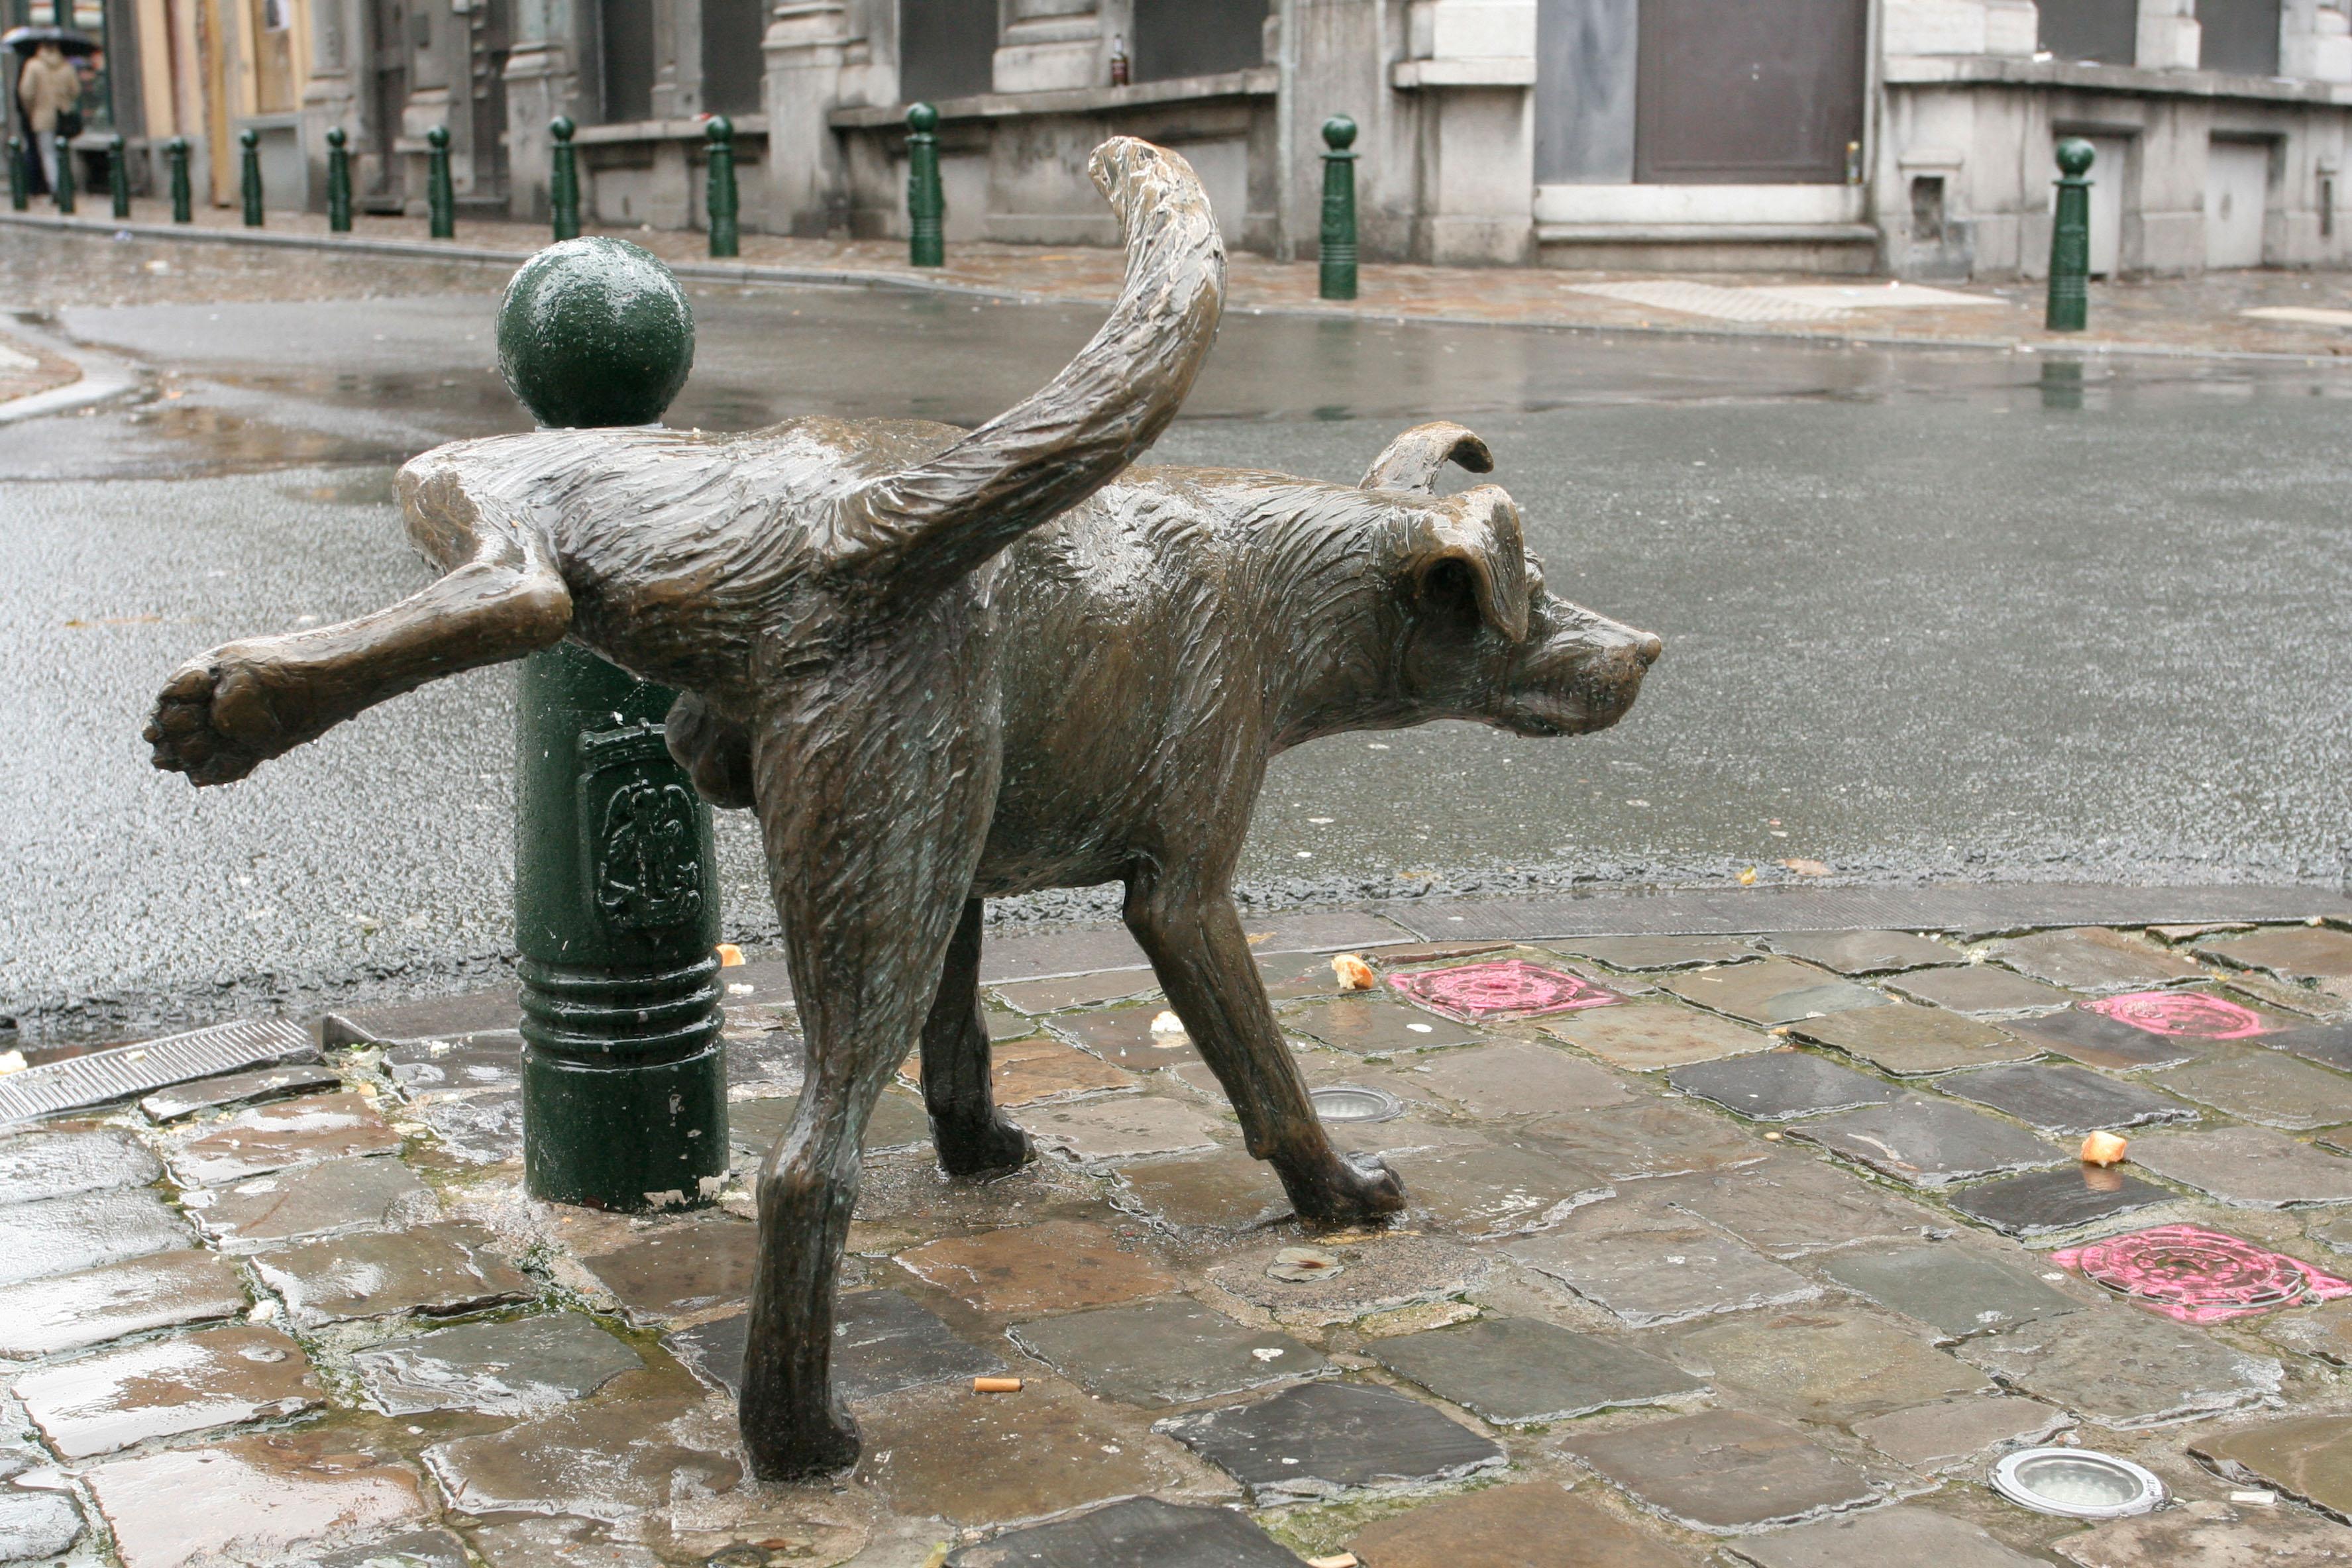 Zinneke Pis statue in Brussels